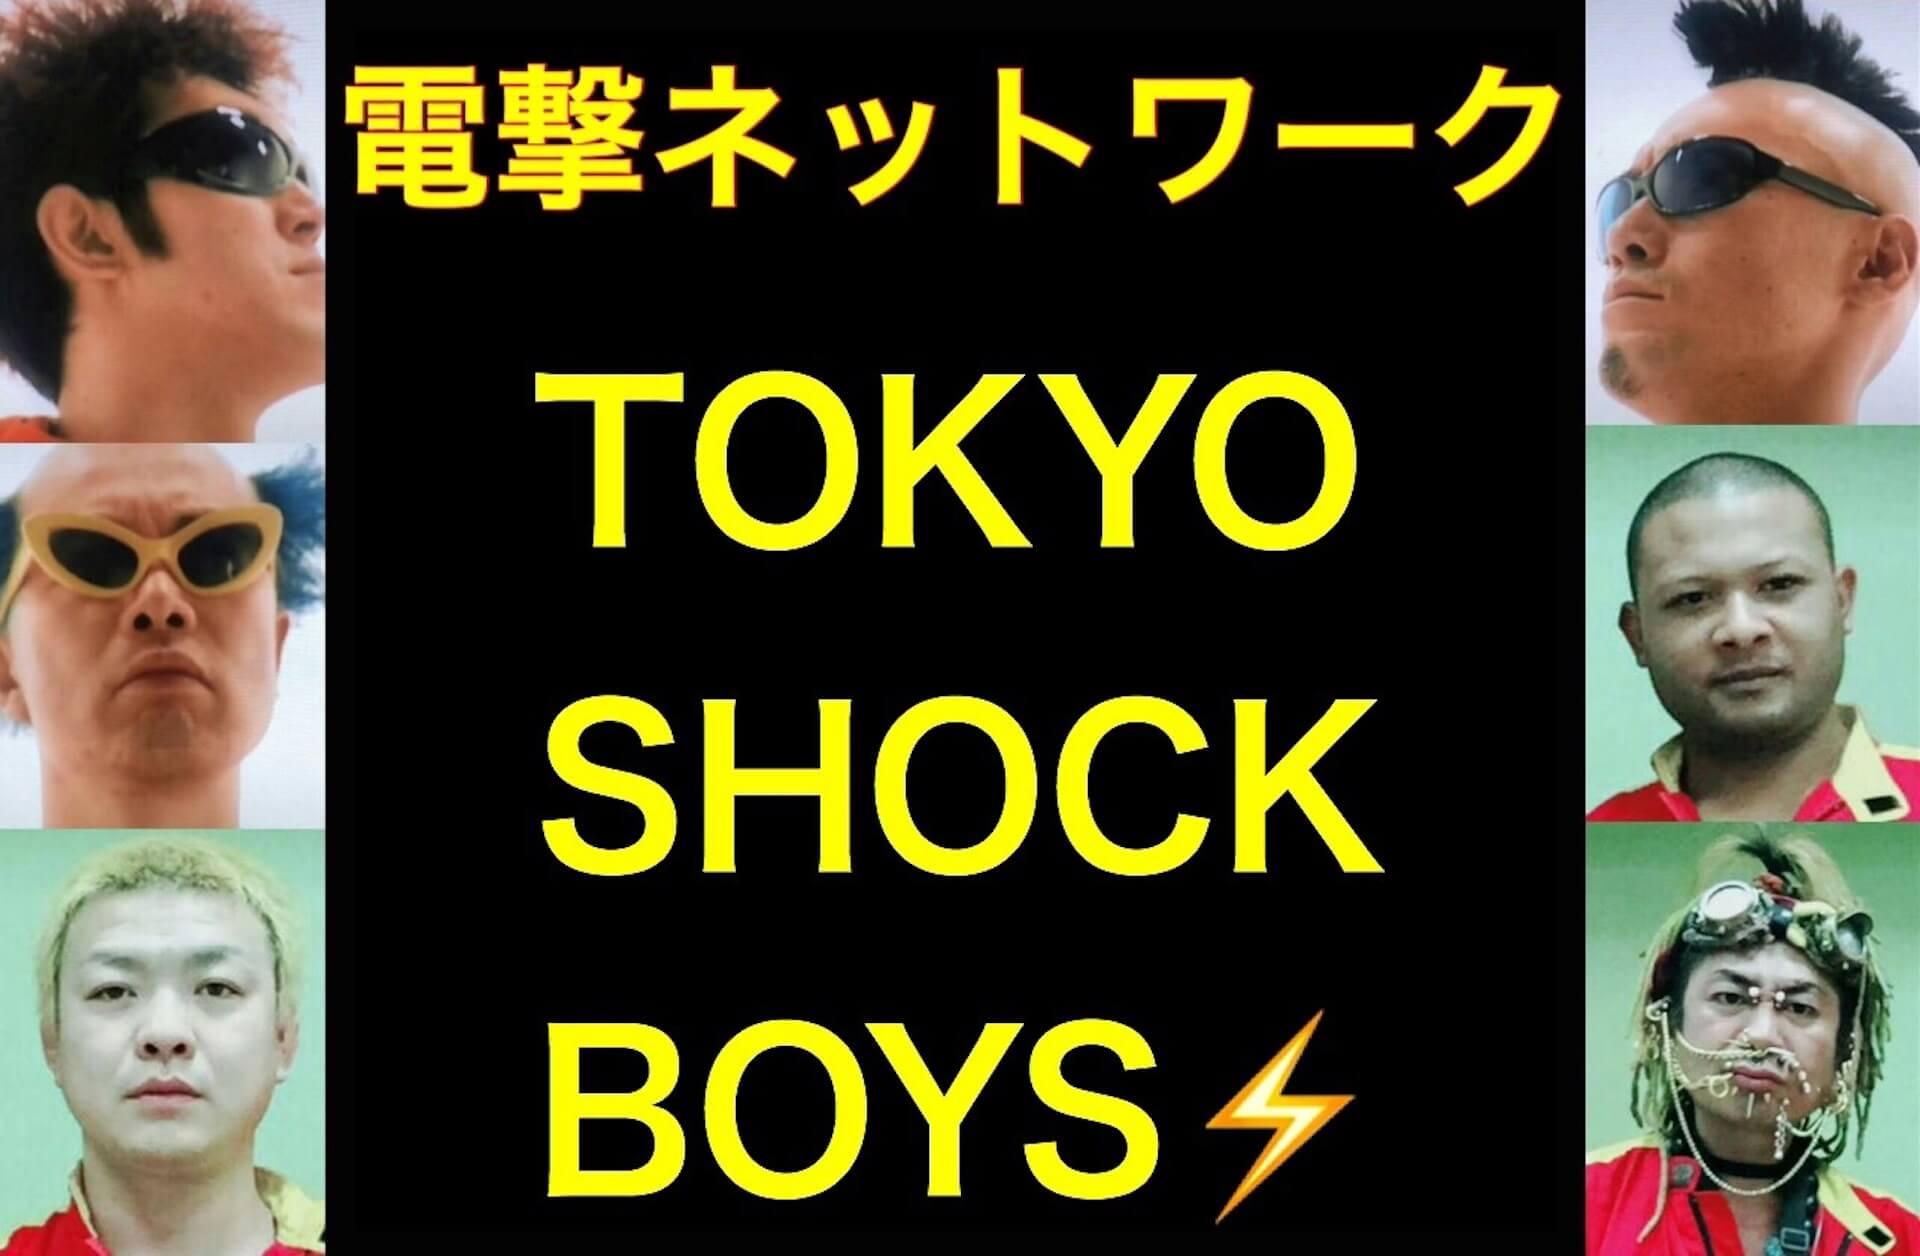 <東京コミコン 2020>の生配信ライブステージにPUNPEE、BiSH、電撃ネットワークの出演が決定! art201113_tokyocomicon_2